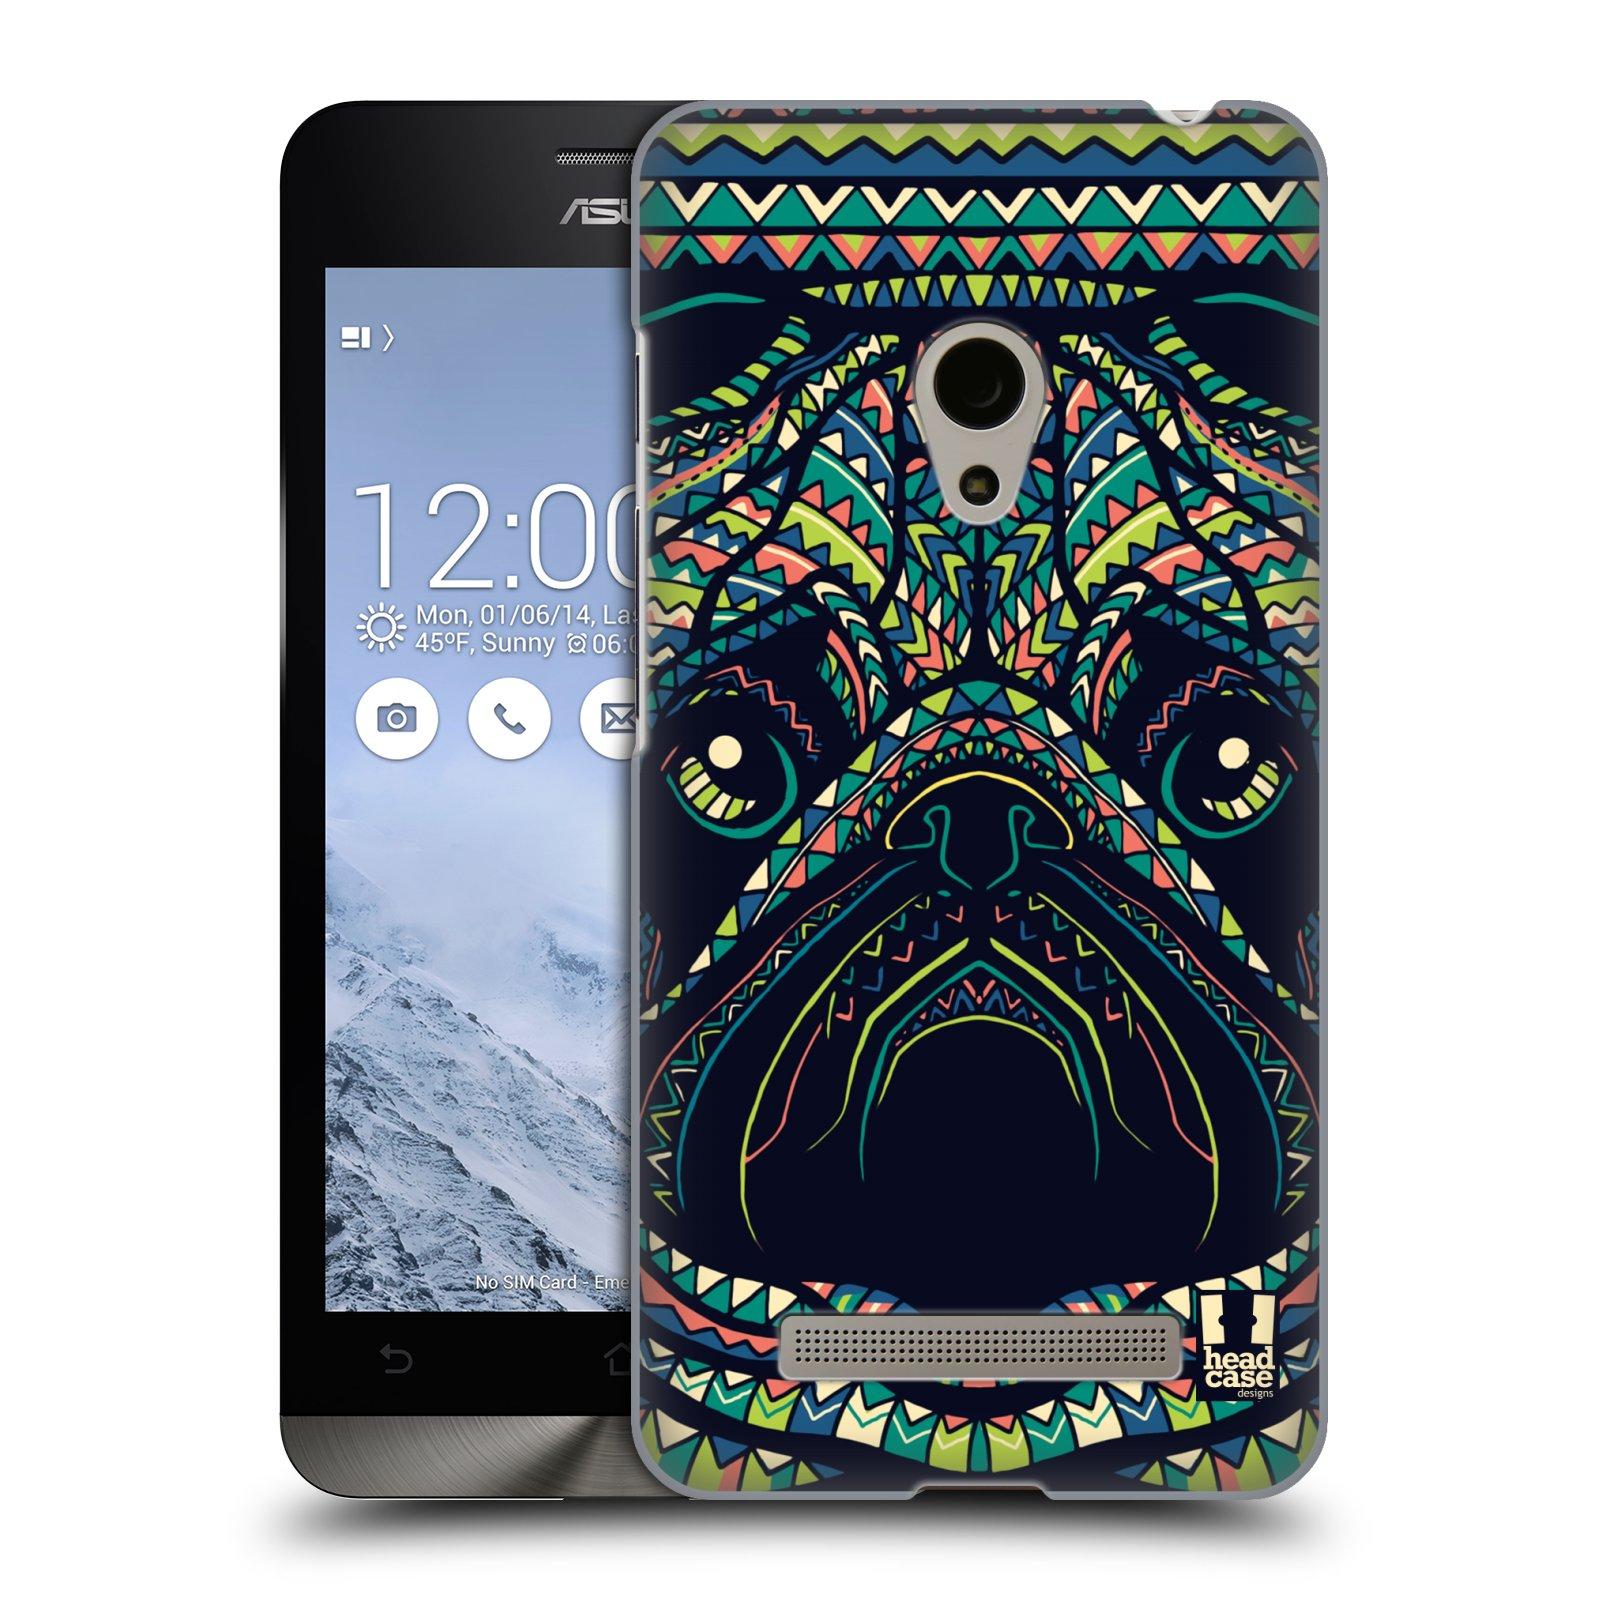 HEAD CASE plastový obal na mobil Asus Zenfone 5 vzor Aztécký motiv zvíře 3 mopsík